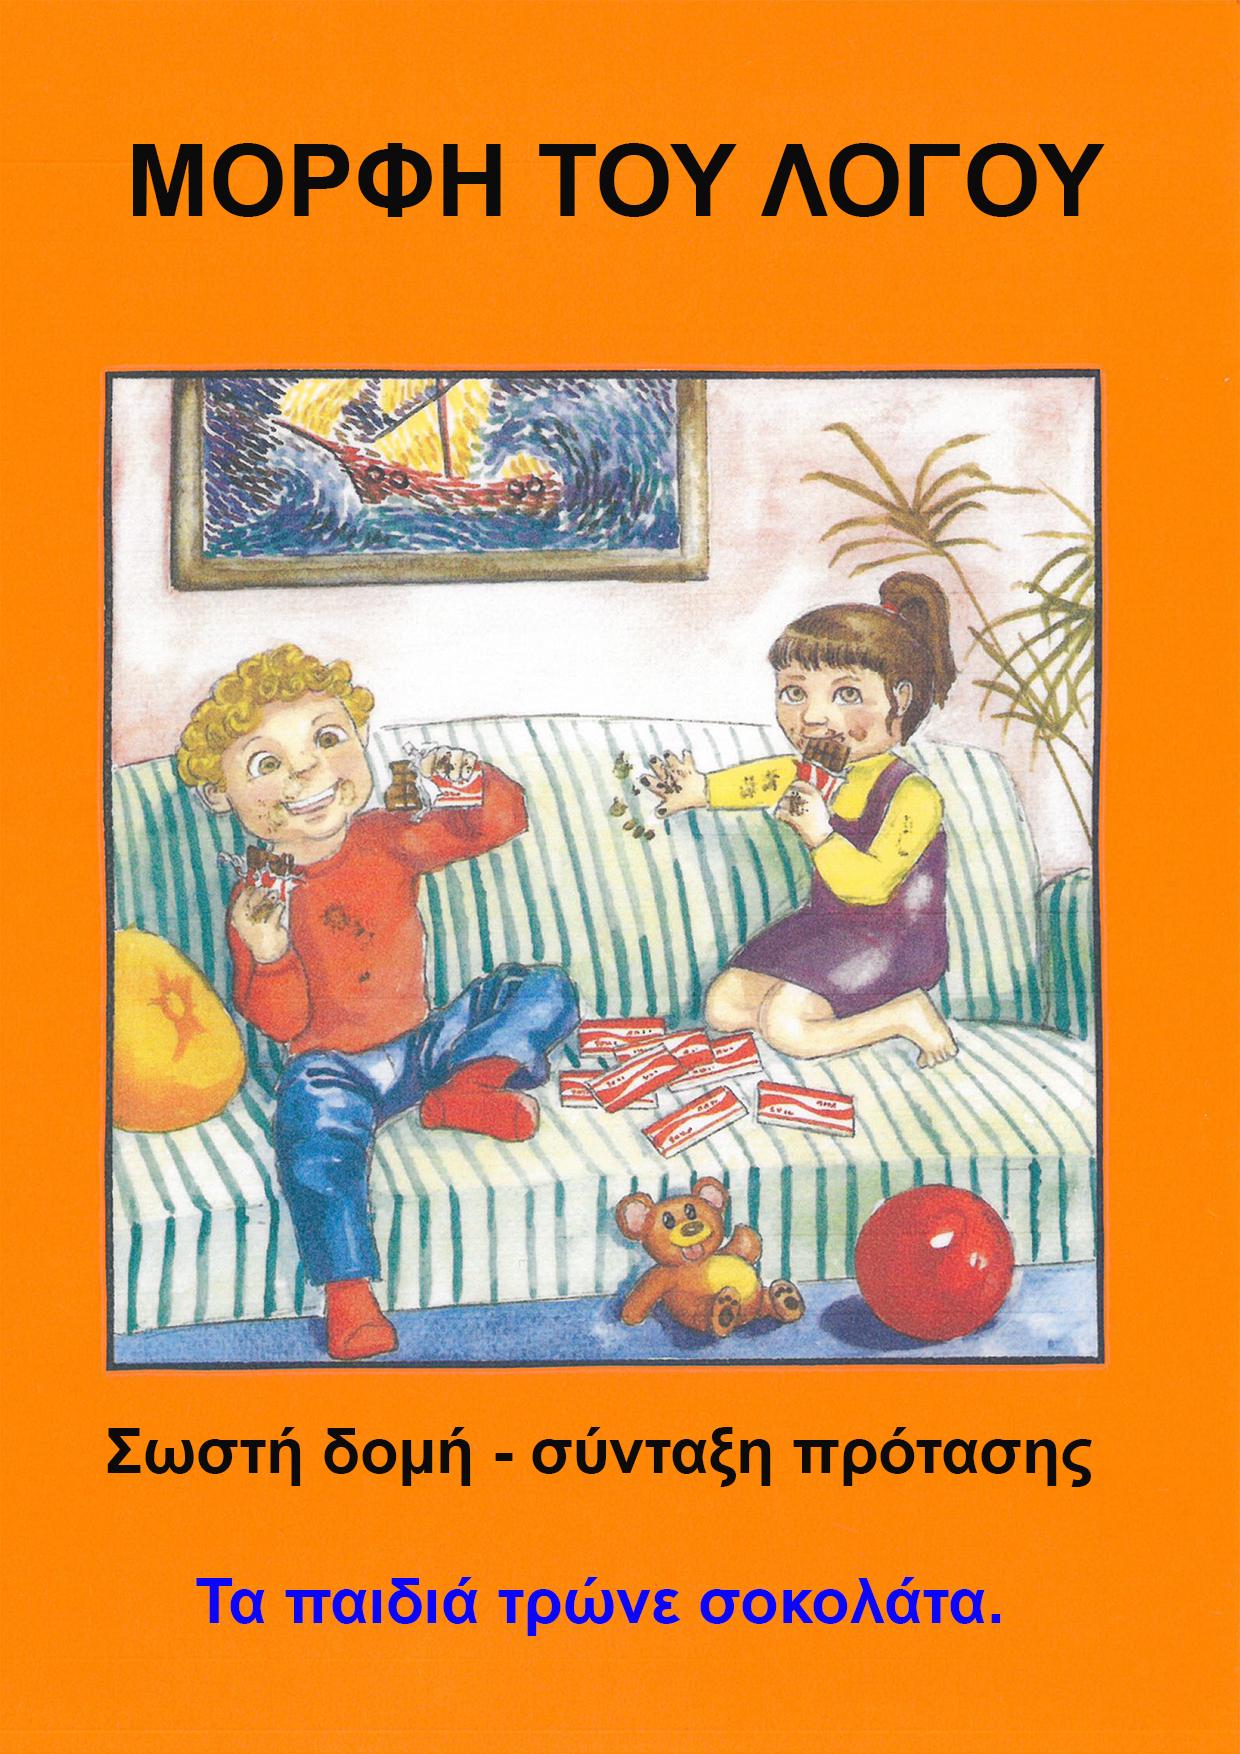 ta paidia trwne sokolata - morfi (1)